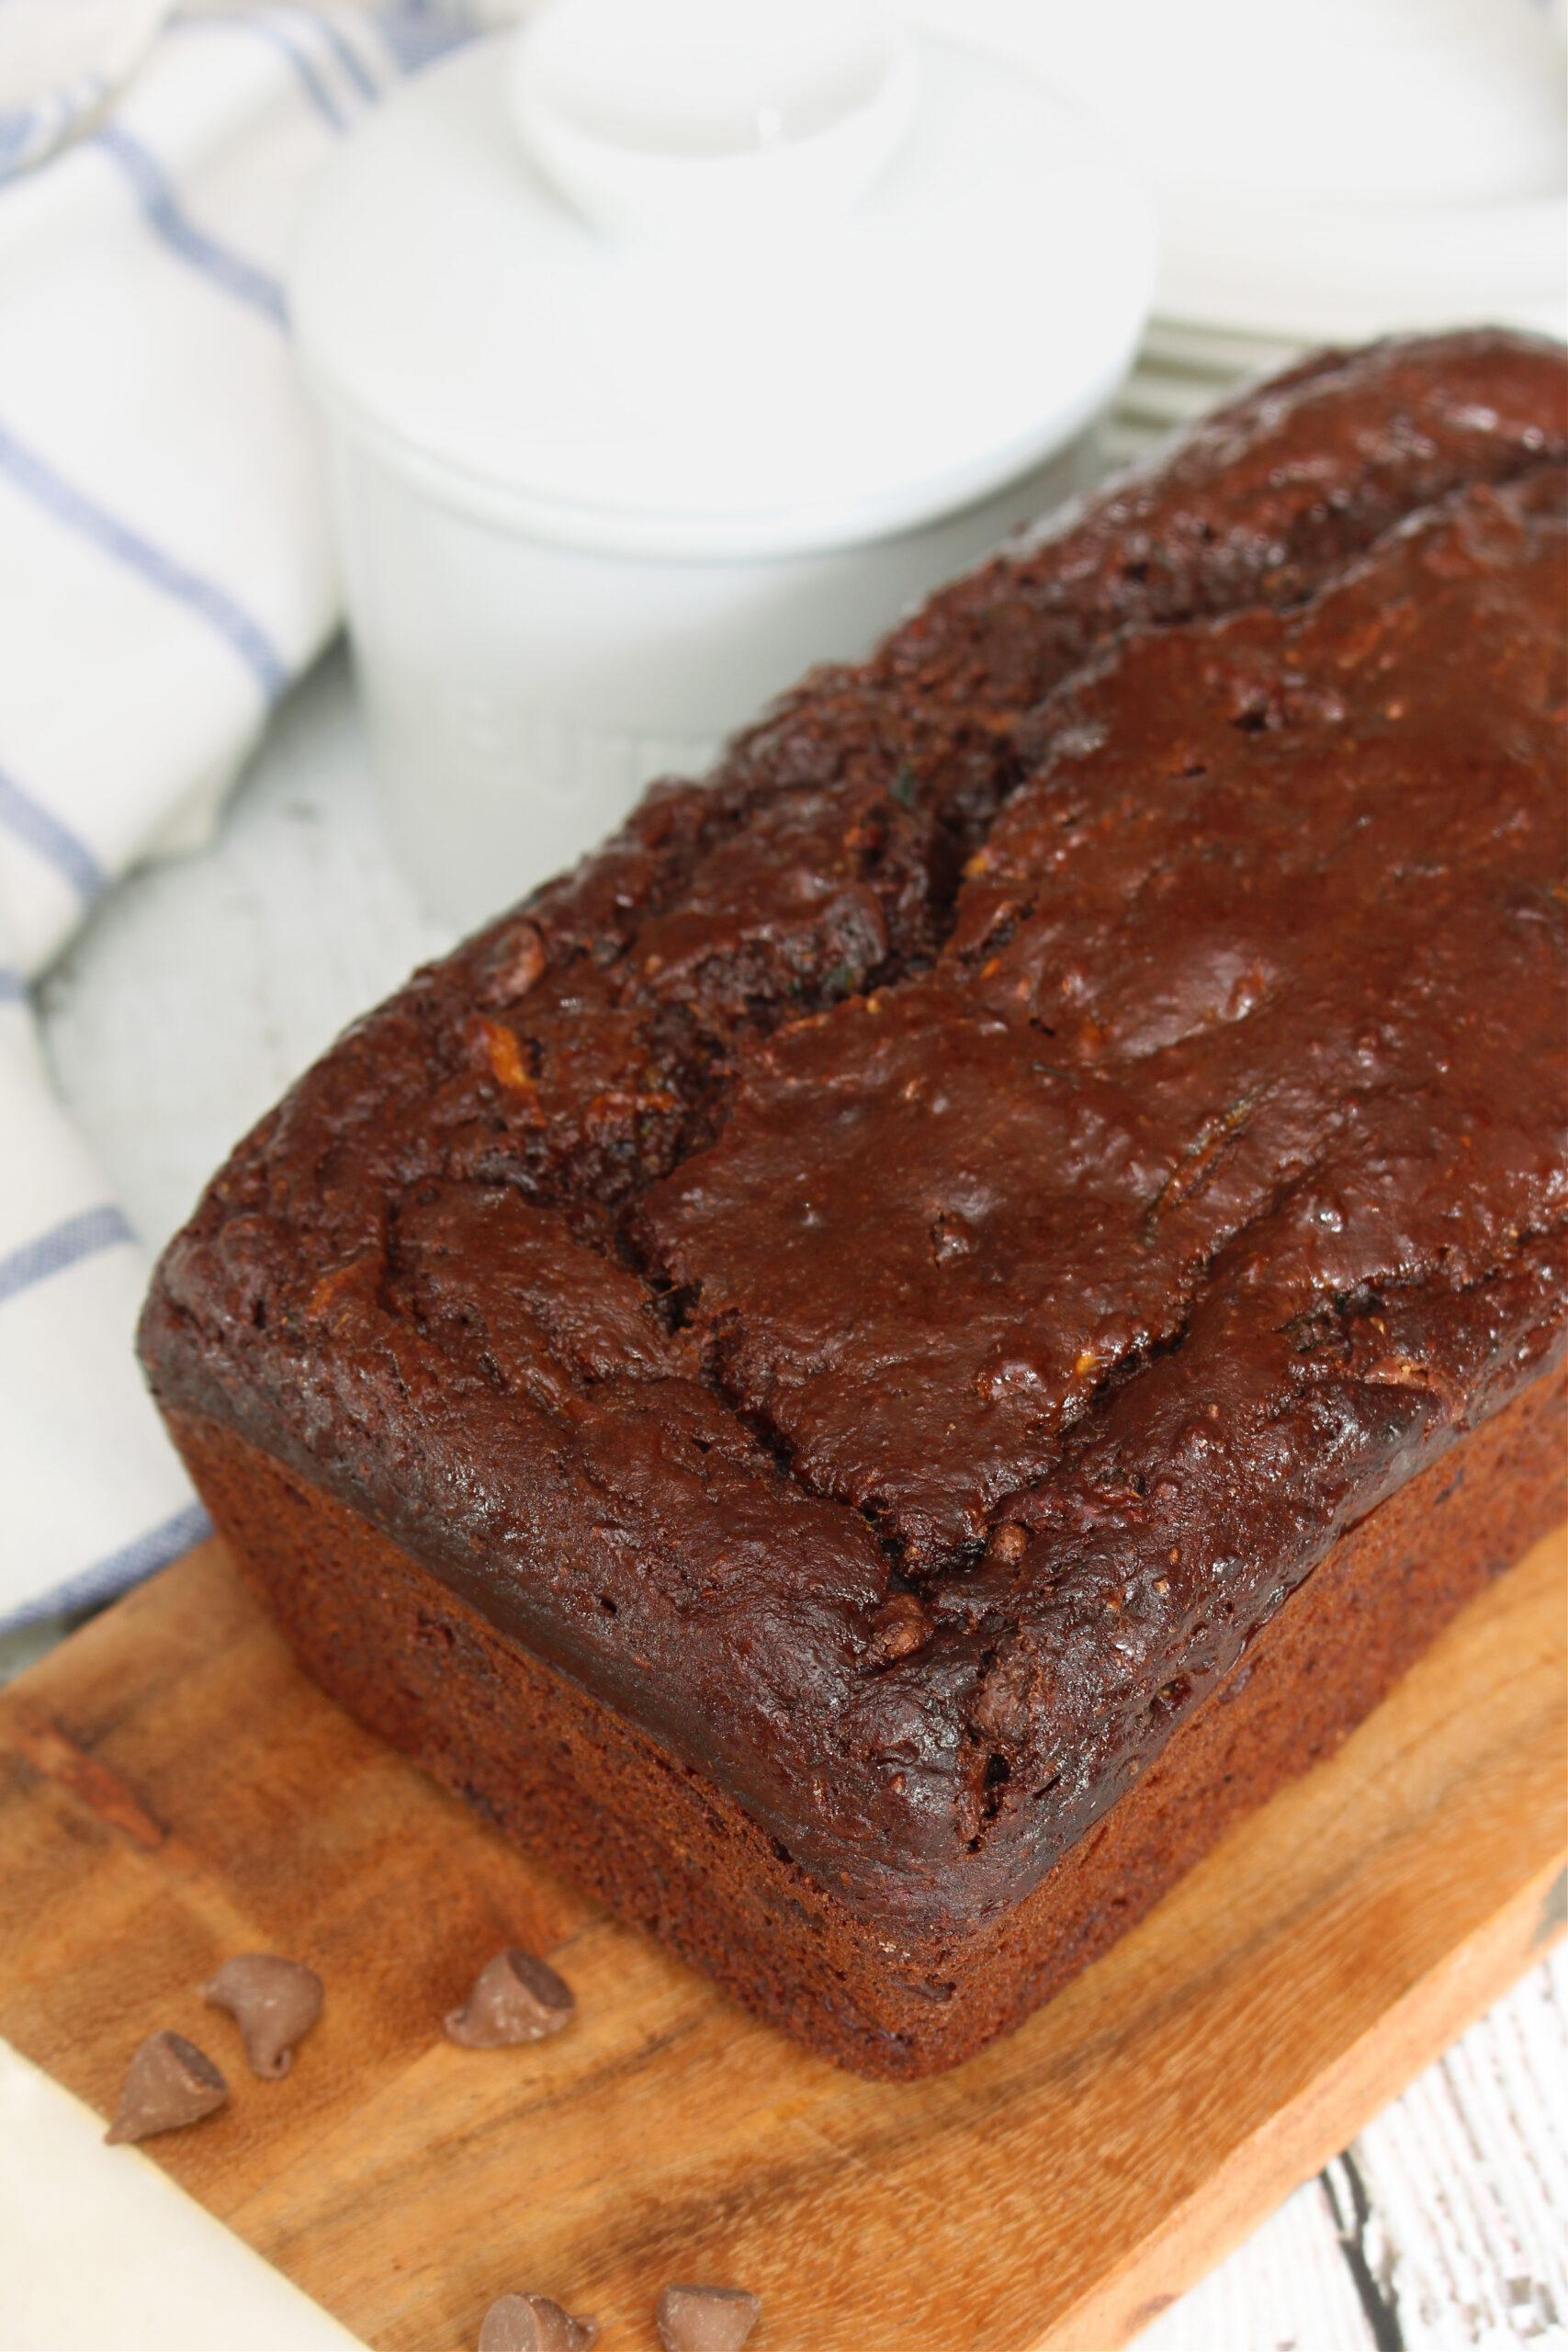 Double chocolate zucchini bread on a bread board.